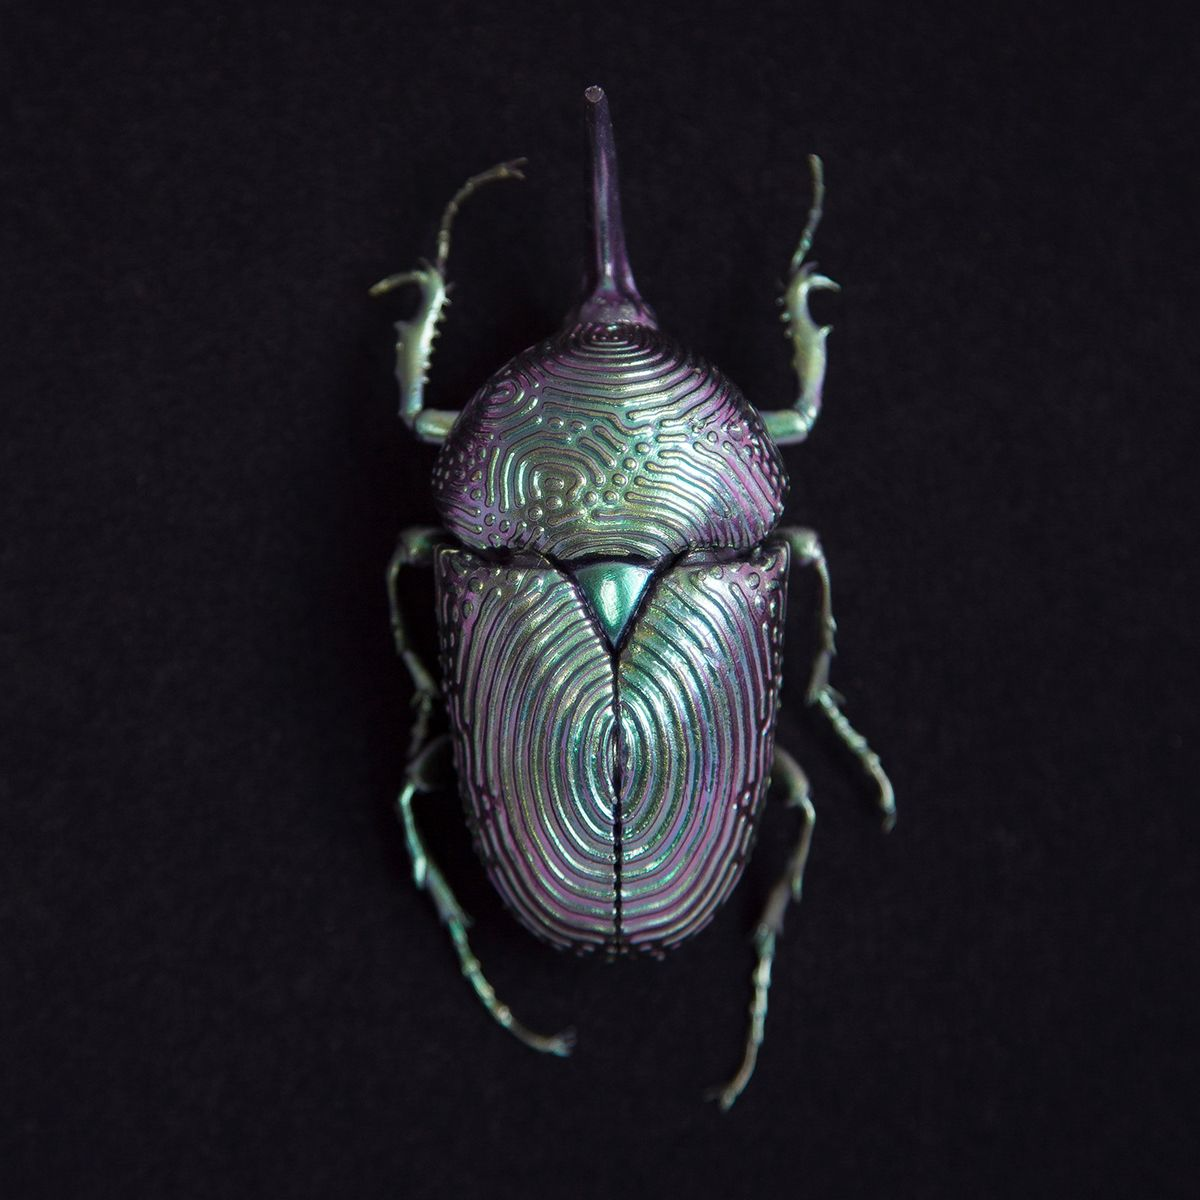 ジラフアサシンバグ Insects